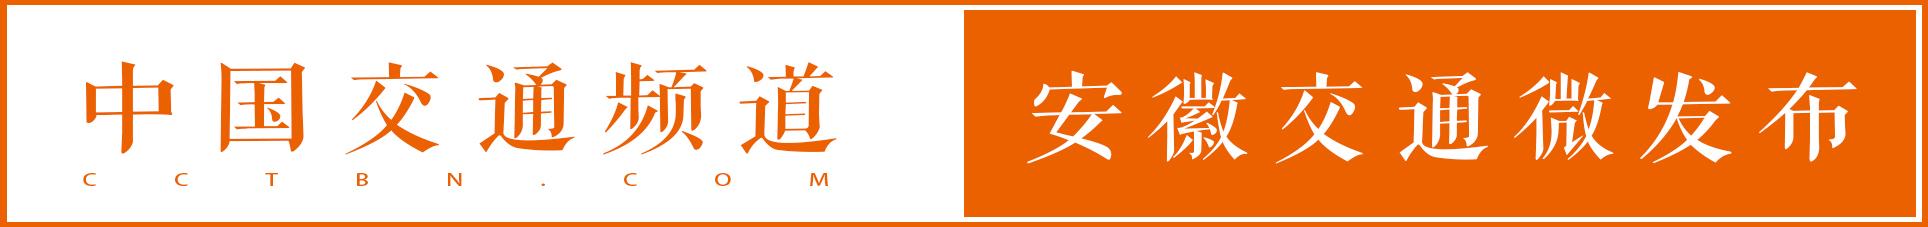 5月5日合肥停电最新通知 涉及瑶海区肥东长丰县等区域用户